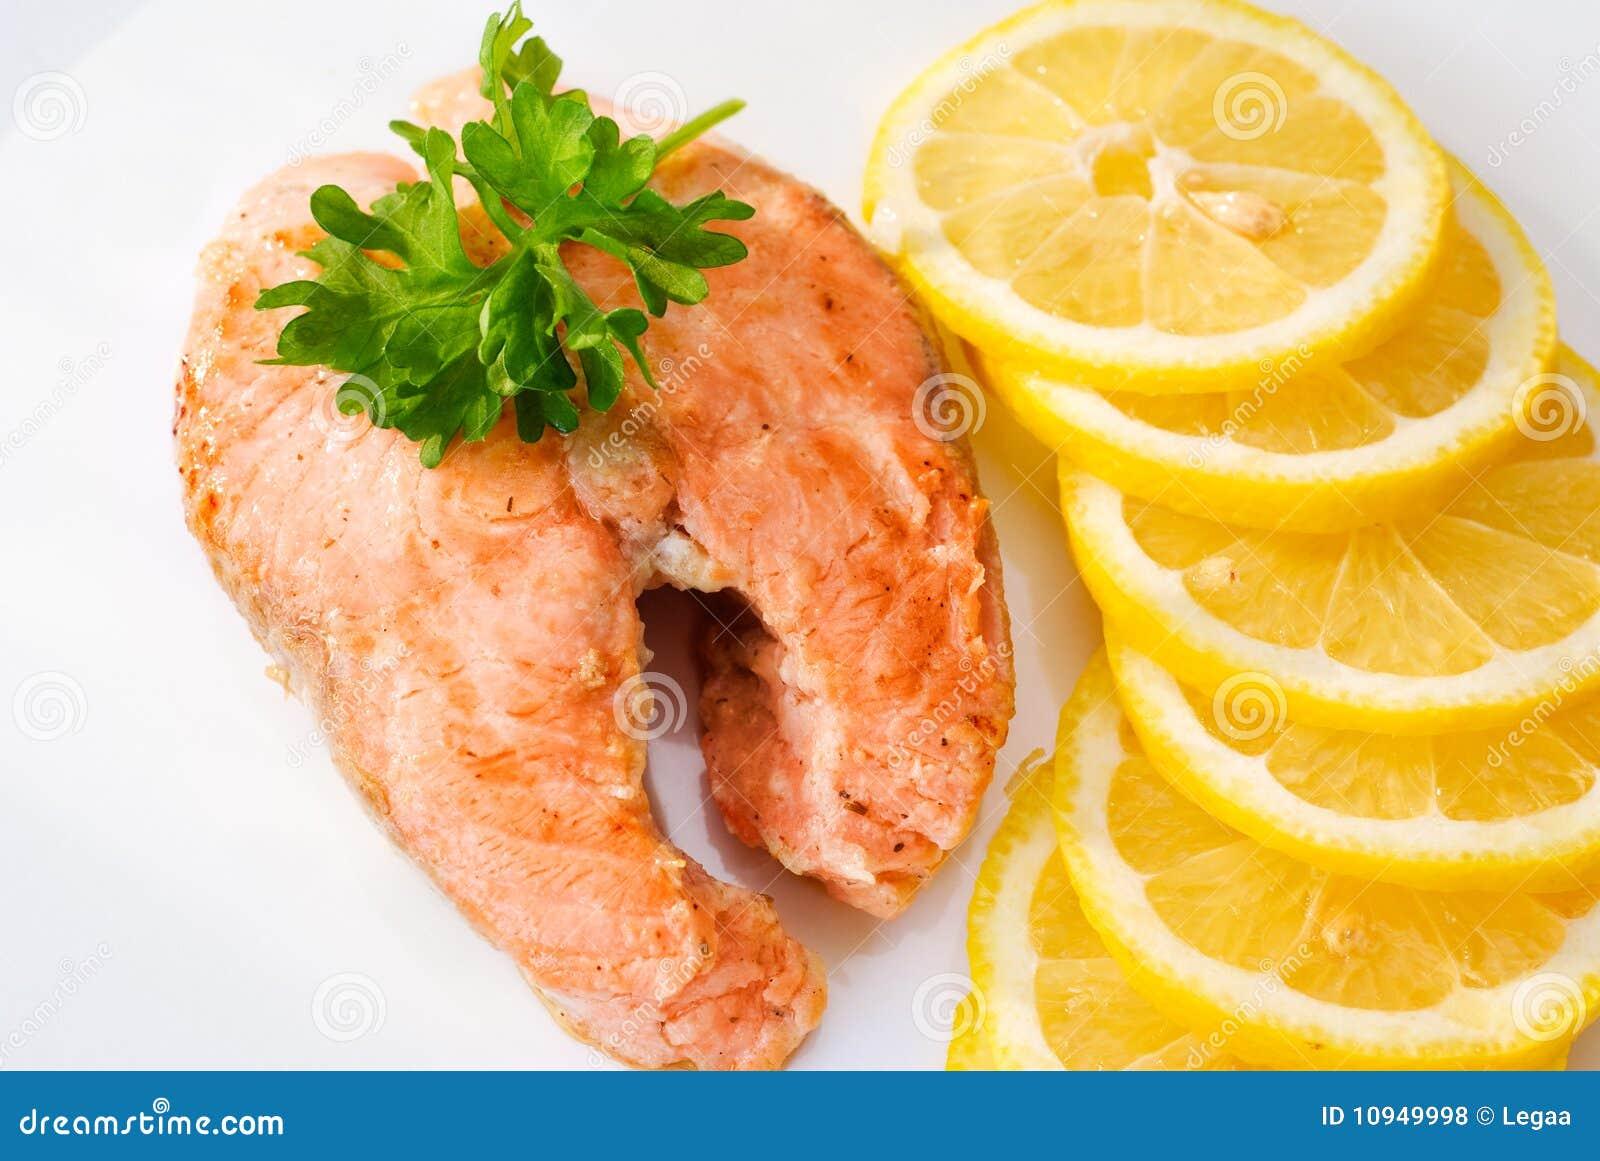 семги лимона выкружки